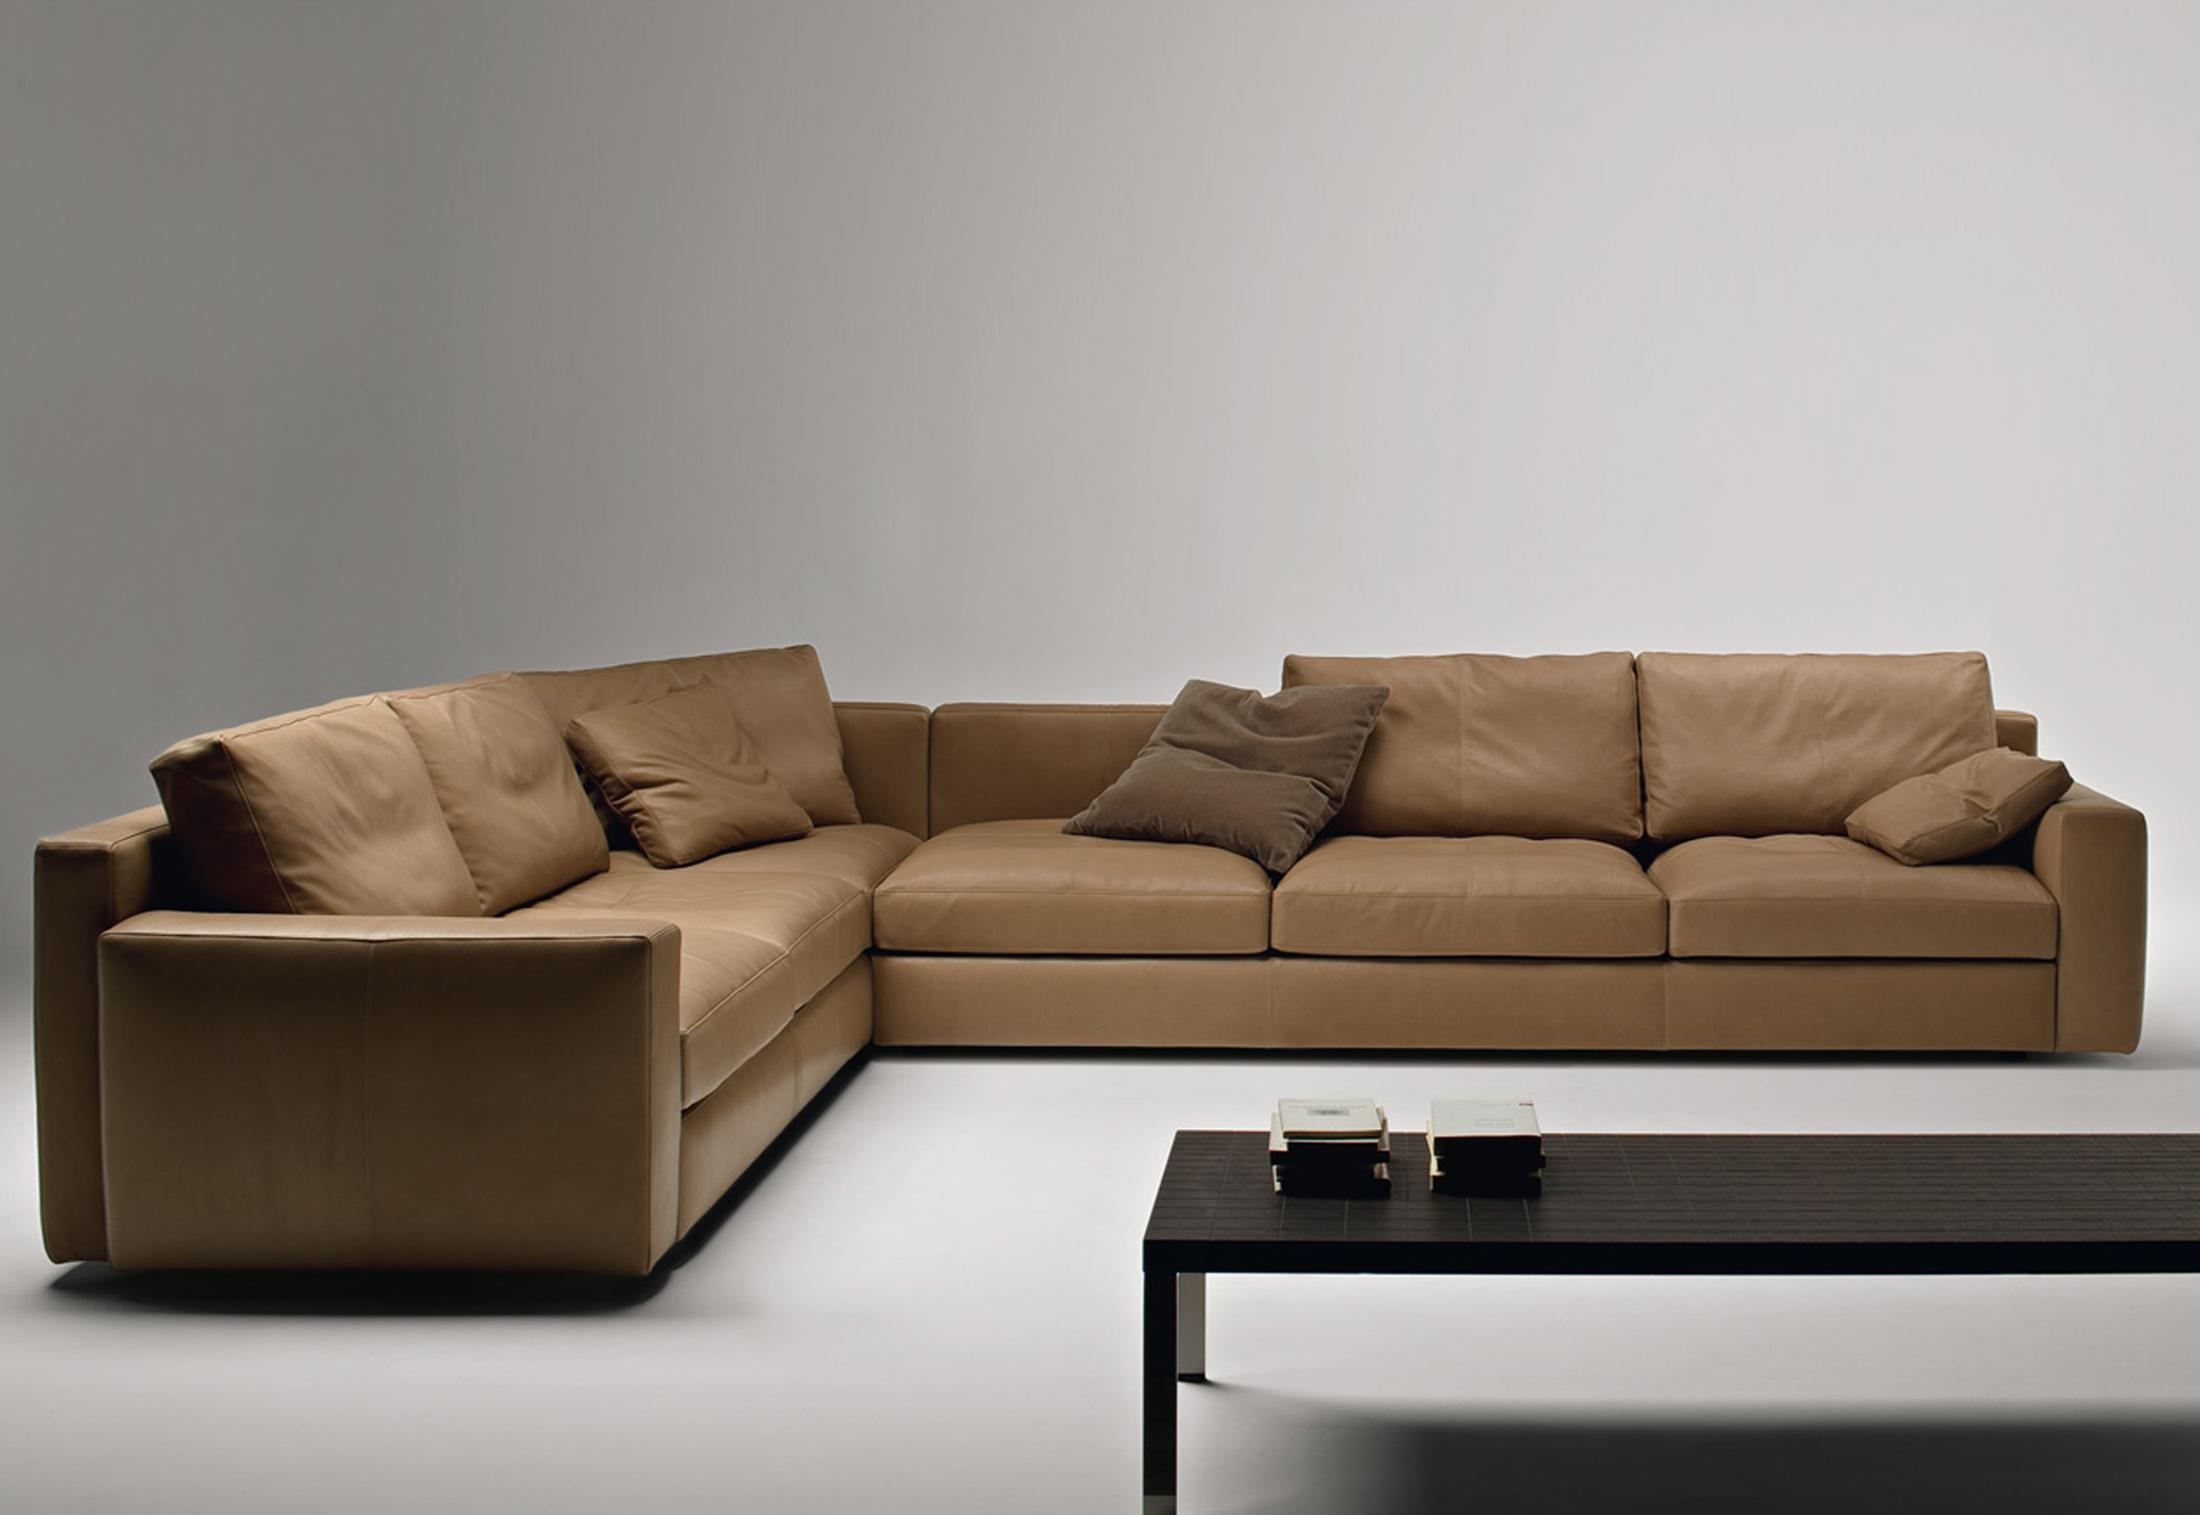 Massimo sistema di poltrona frau divani e poltrone arredamento mollura home design - Divano frau prezzi ...